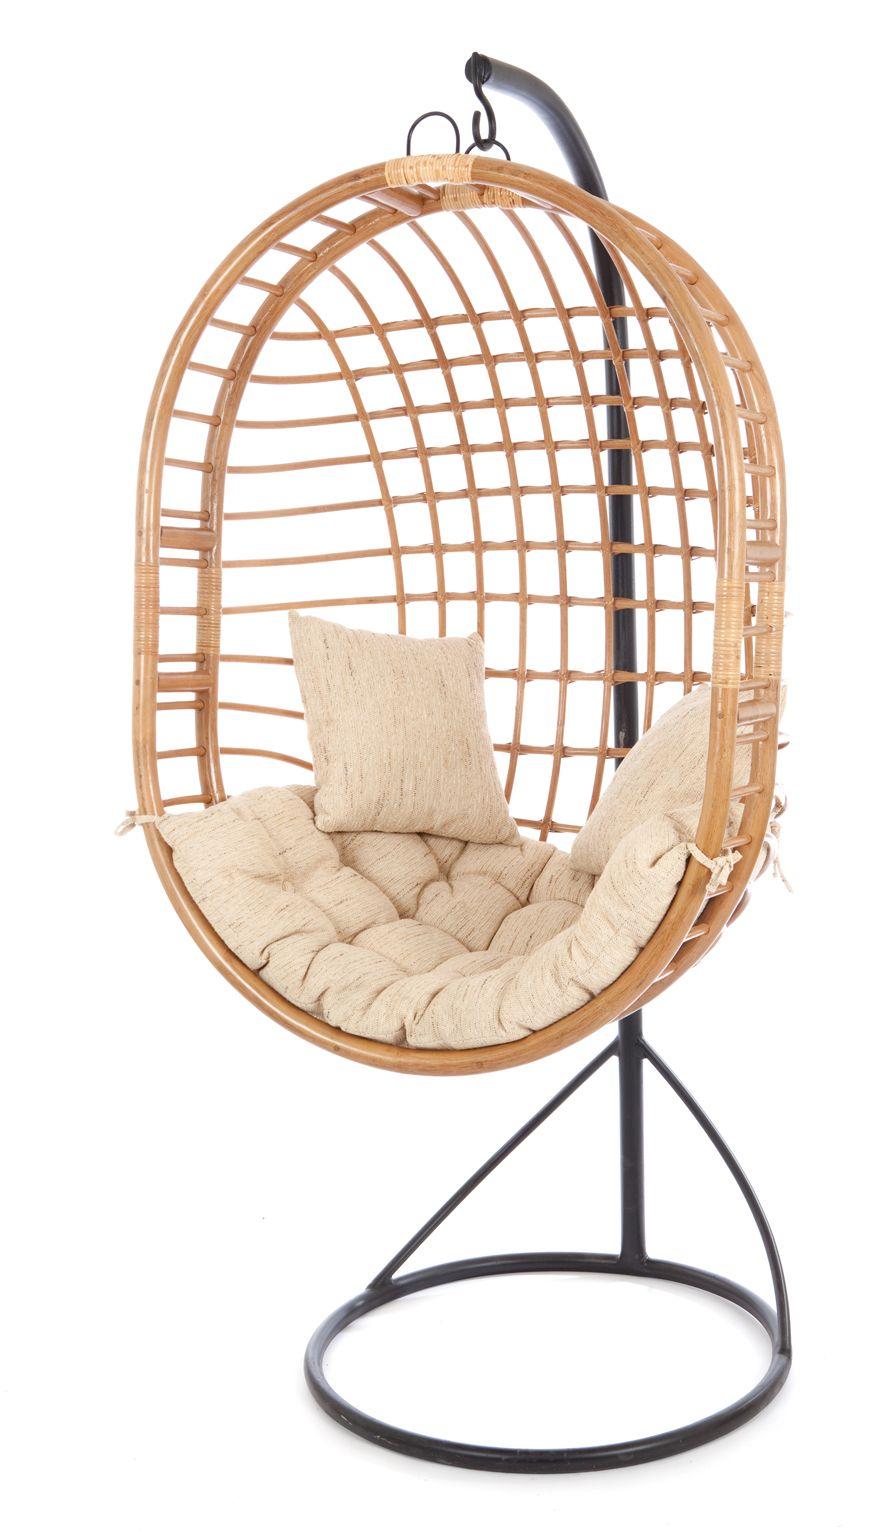 Laatste nieuws rotan hangstoel hangmat wereld - Tv standaard huis ter wereld ...